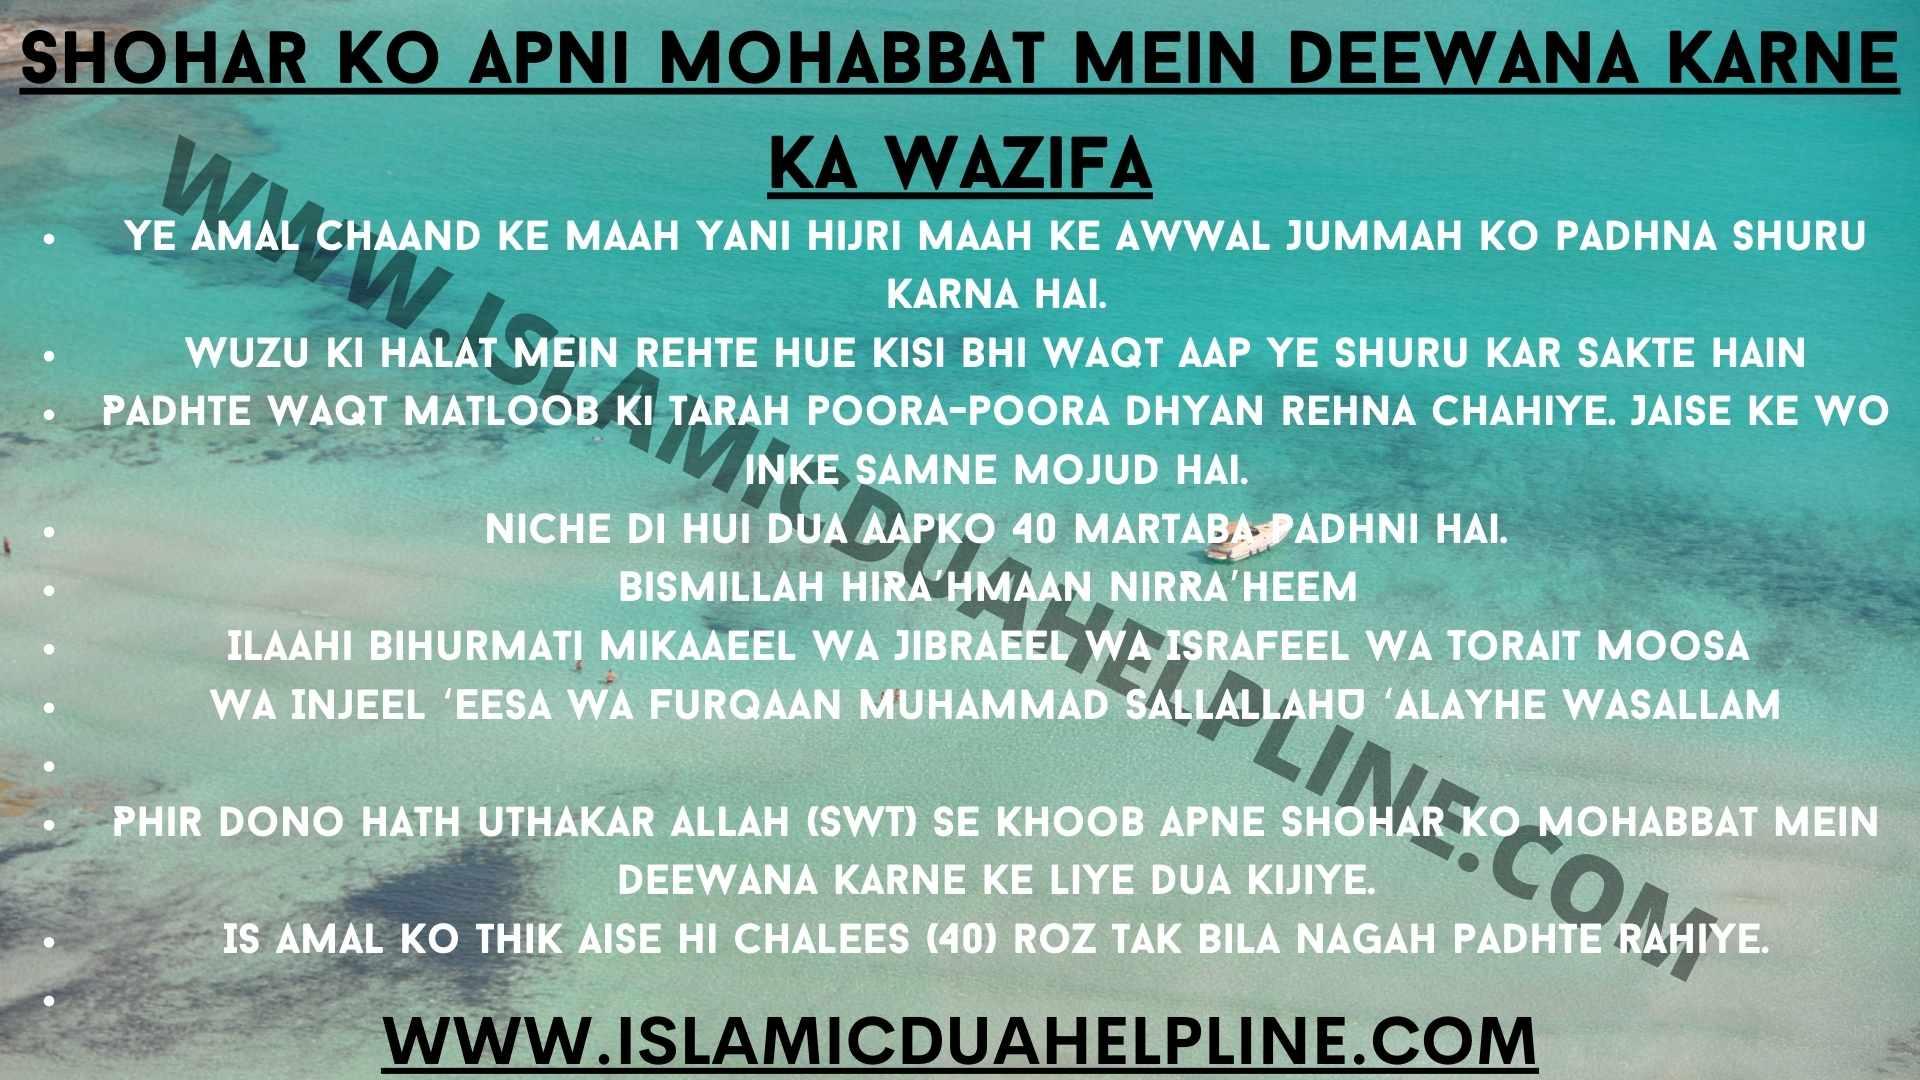 Shohar Ko Apni Mohabbat mein Deewana Karne Ka Wazifa